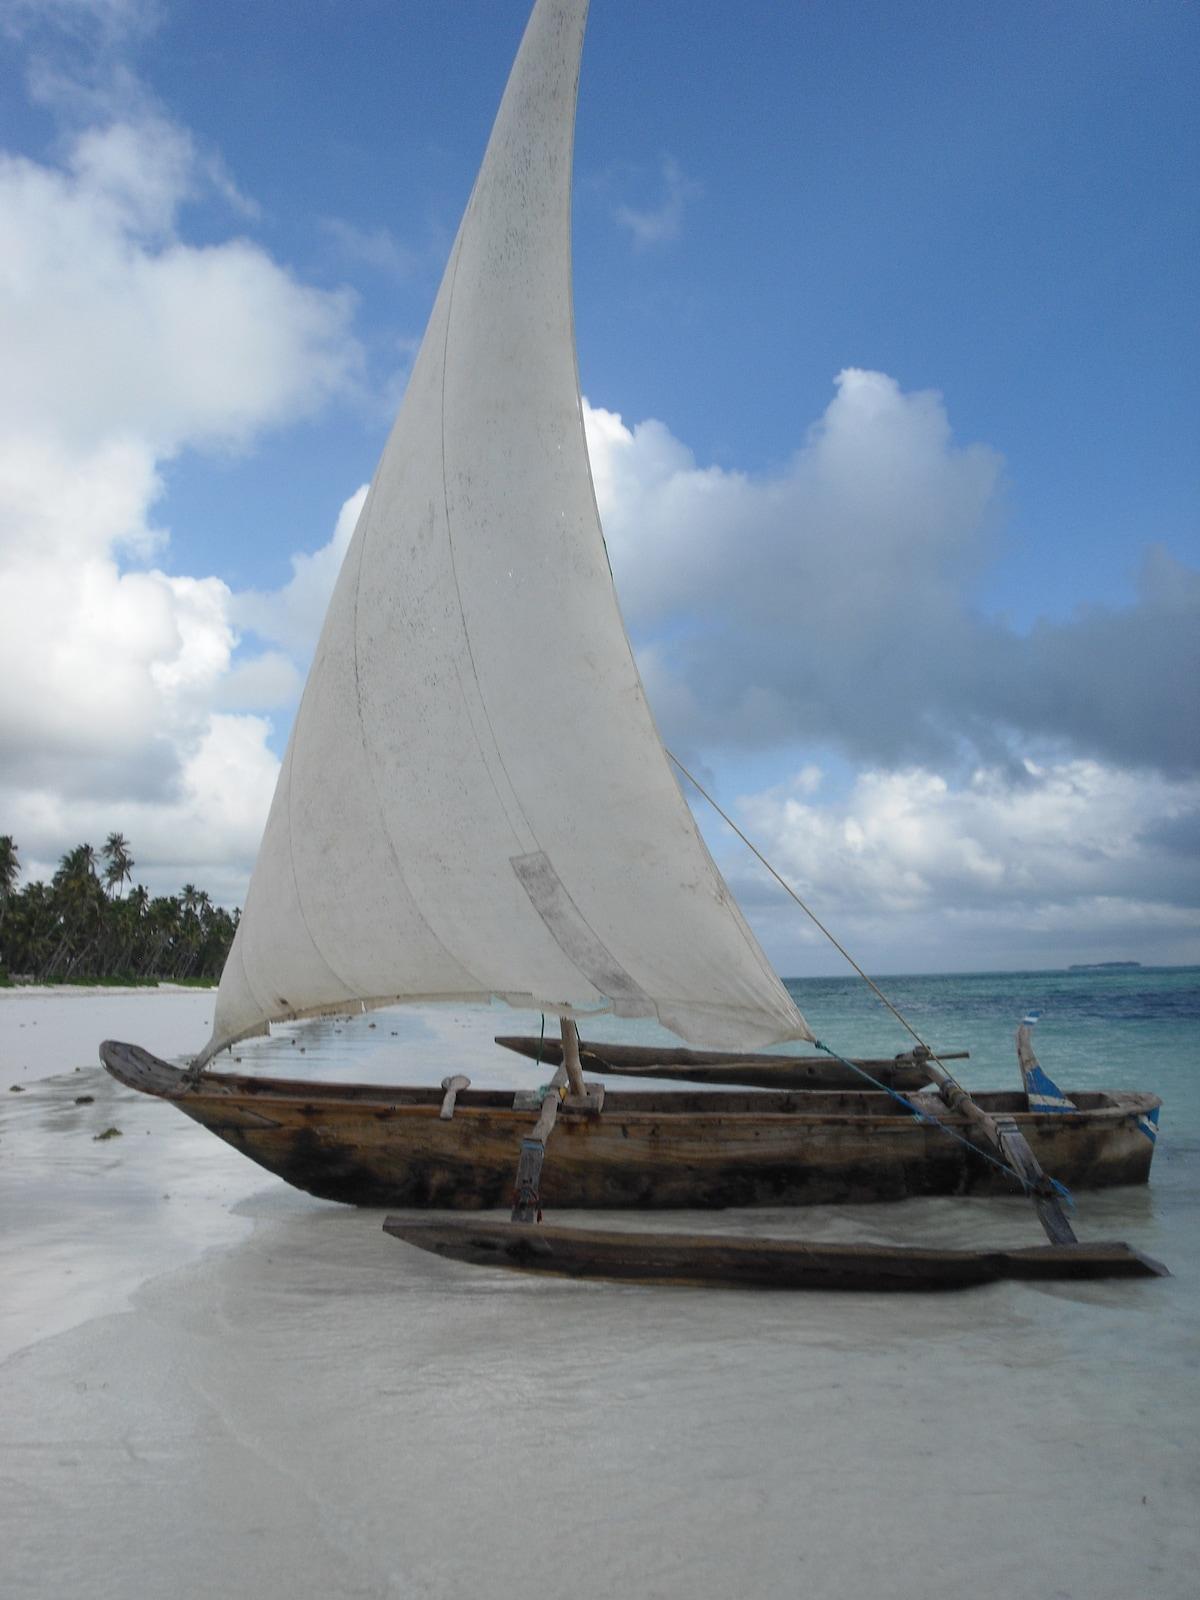 The Utupoa ngalawa